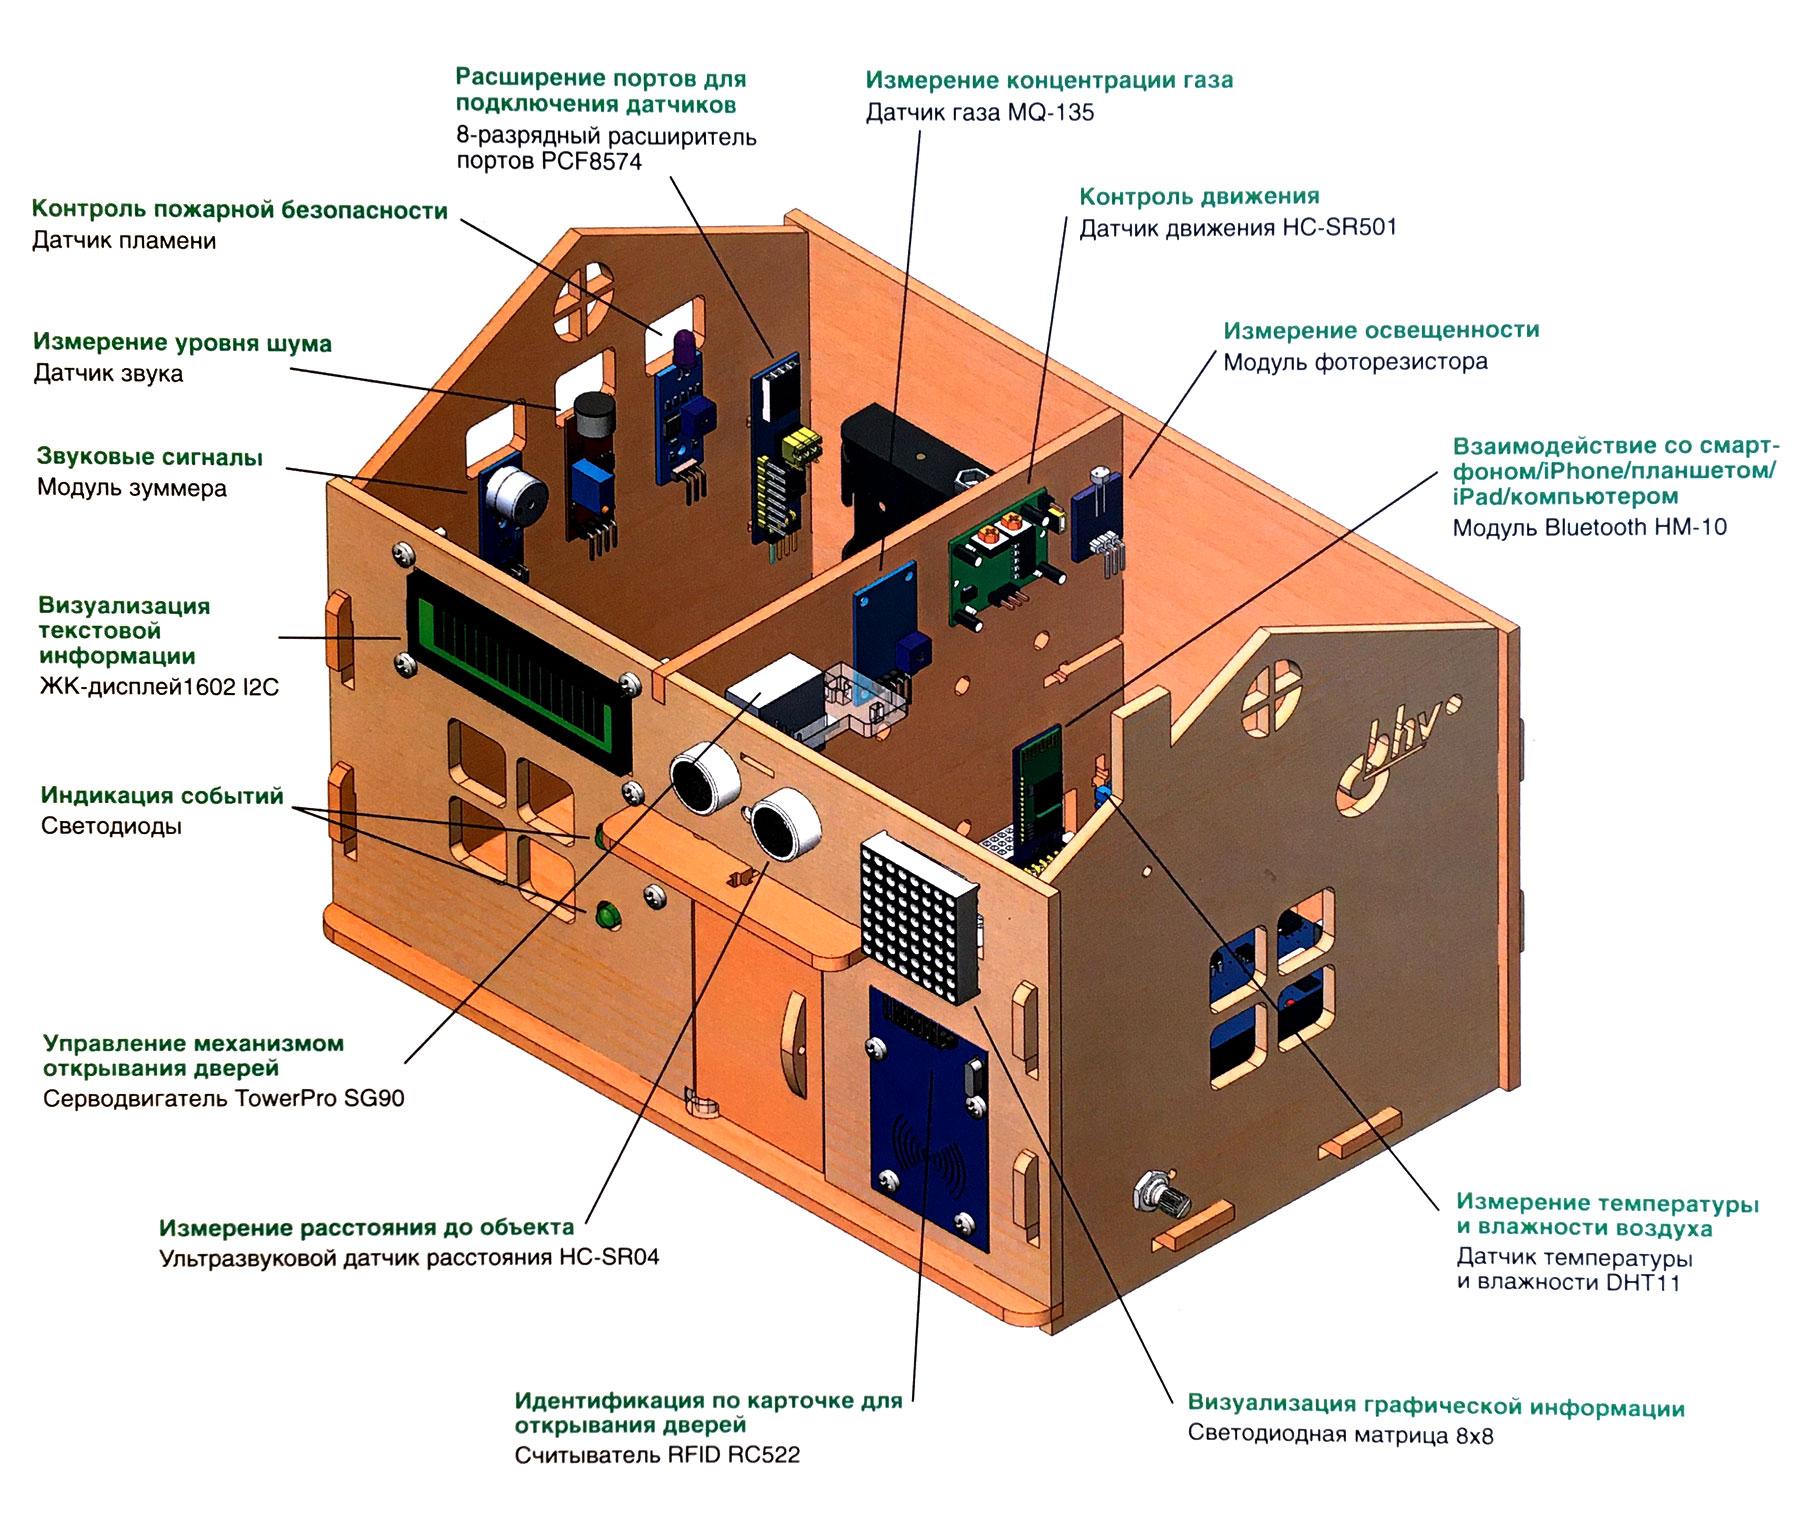 nabor-po-elektronike-umnyi-dom-na-baze-arduino-foto-tdx-978-5-9775-6608-7-05.jpg